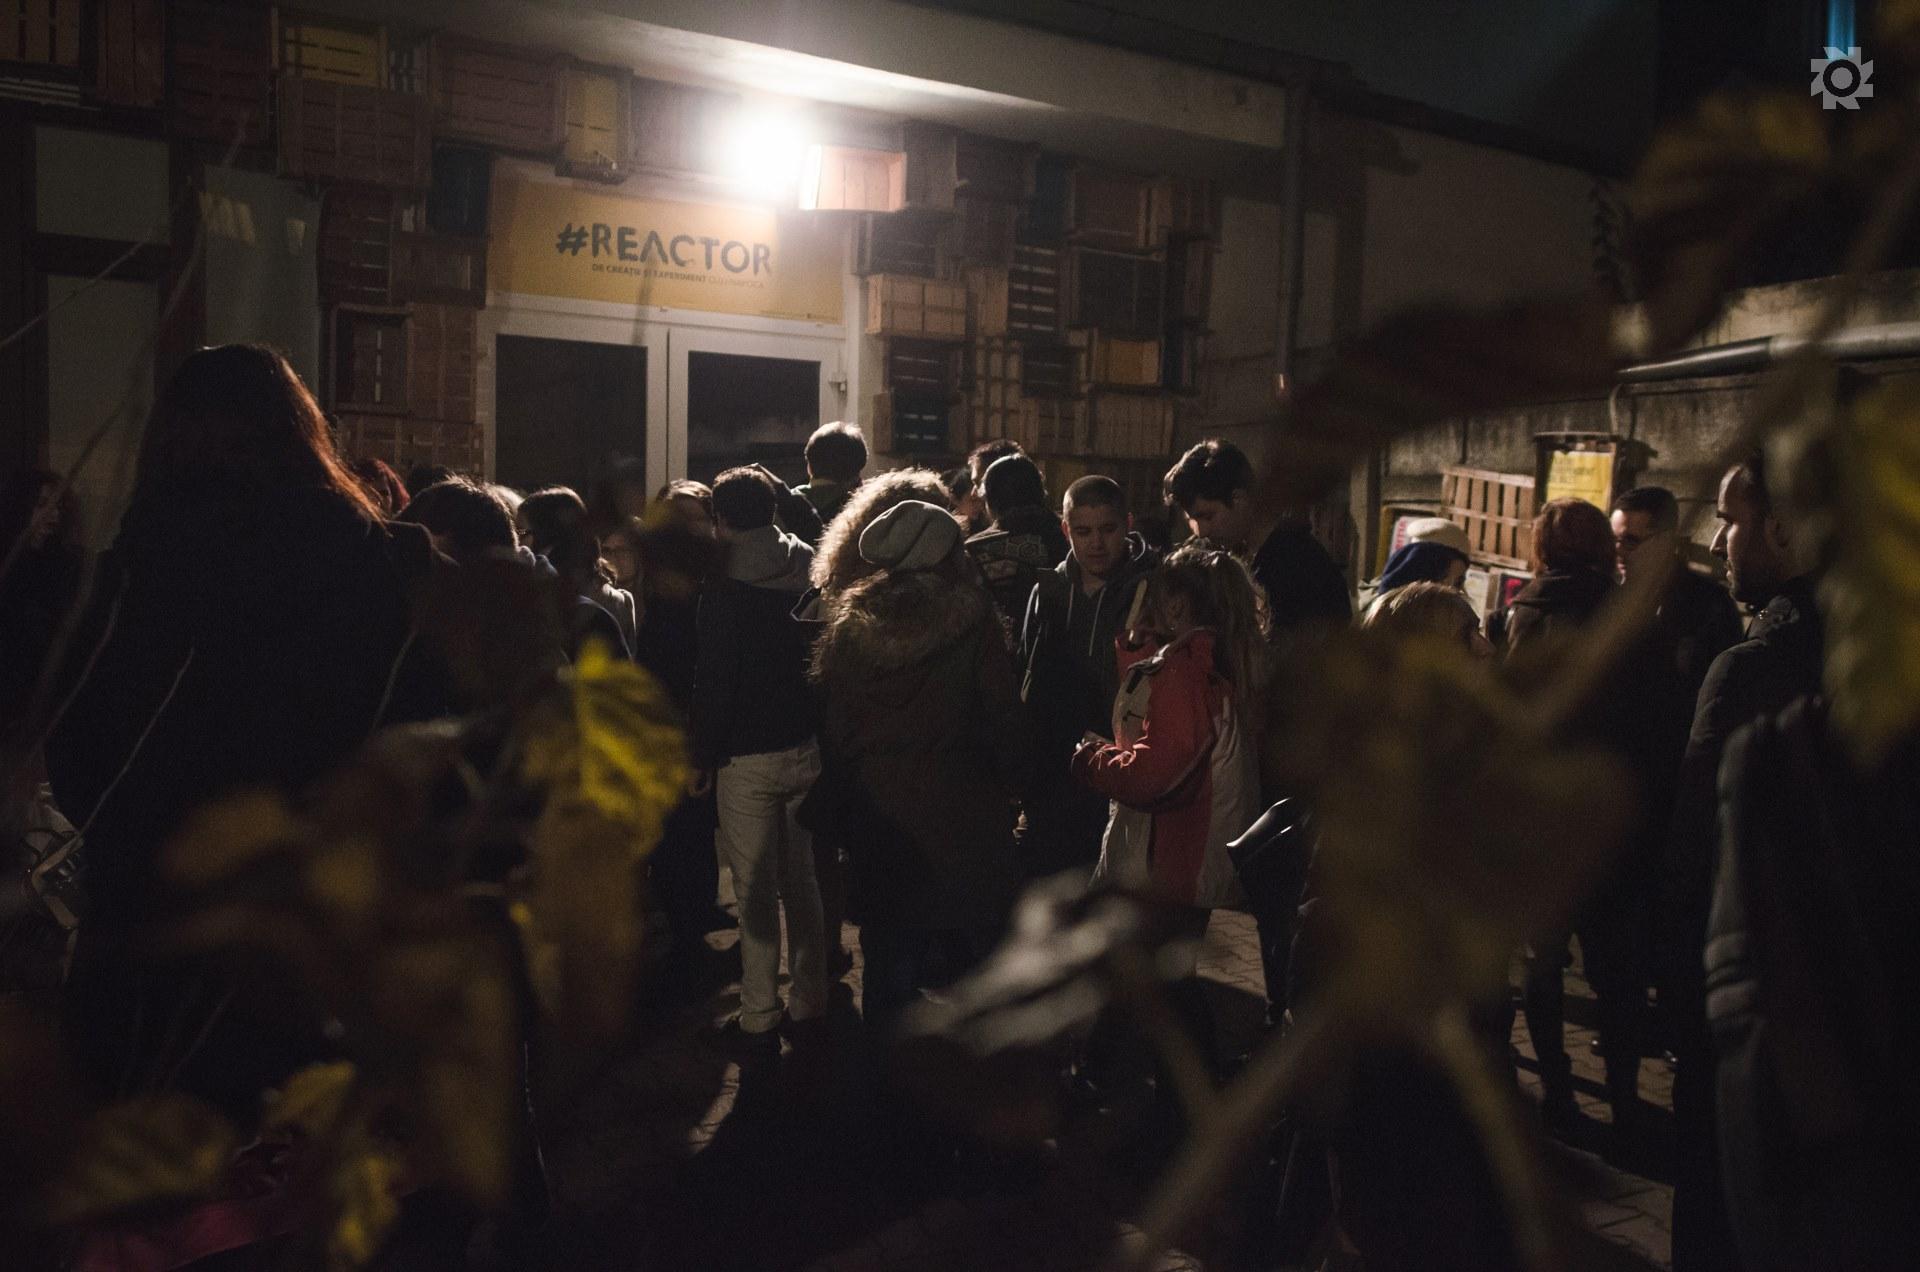 """Proiectul Teen Spirit revine la Reactor în 18 și 20 martie cu o nouă producție dedicată adolescenților: """"În viitorul apropiat"""",   în regia lui Cristian Ban,   pe un text de Petro Ionescu. Spectacolul vorbește despre una dintre preocupările principale ale liceenilor,   una înconjurată de curiozitate,   dar și de teamă: ziua de mâine/Foto: Arhiva Reactor de teatru și experiment"""